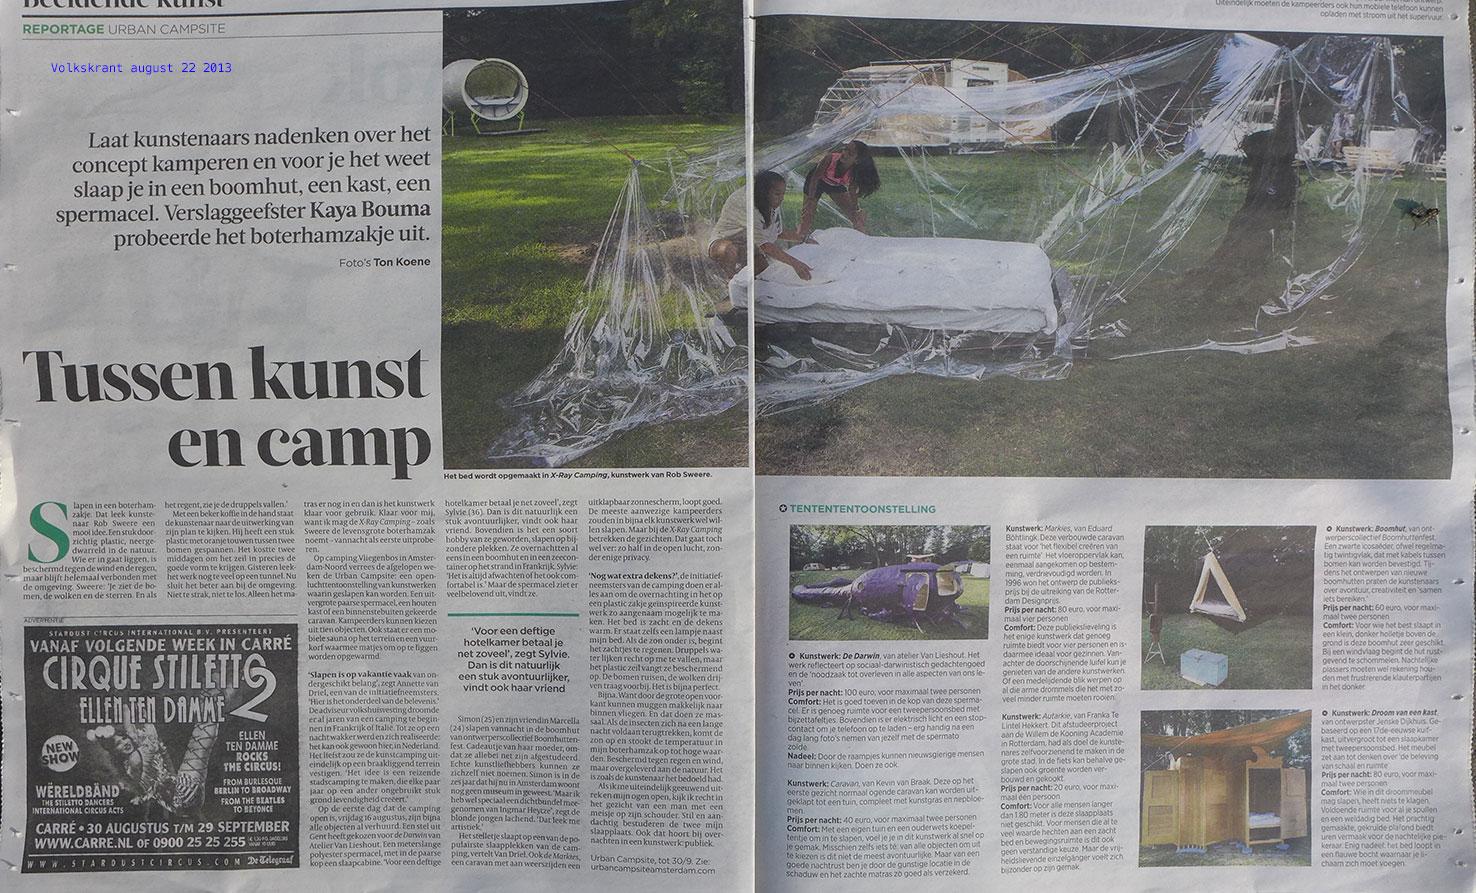 Volkskrant 22 August 2013 Rob Sweere